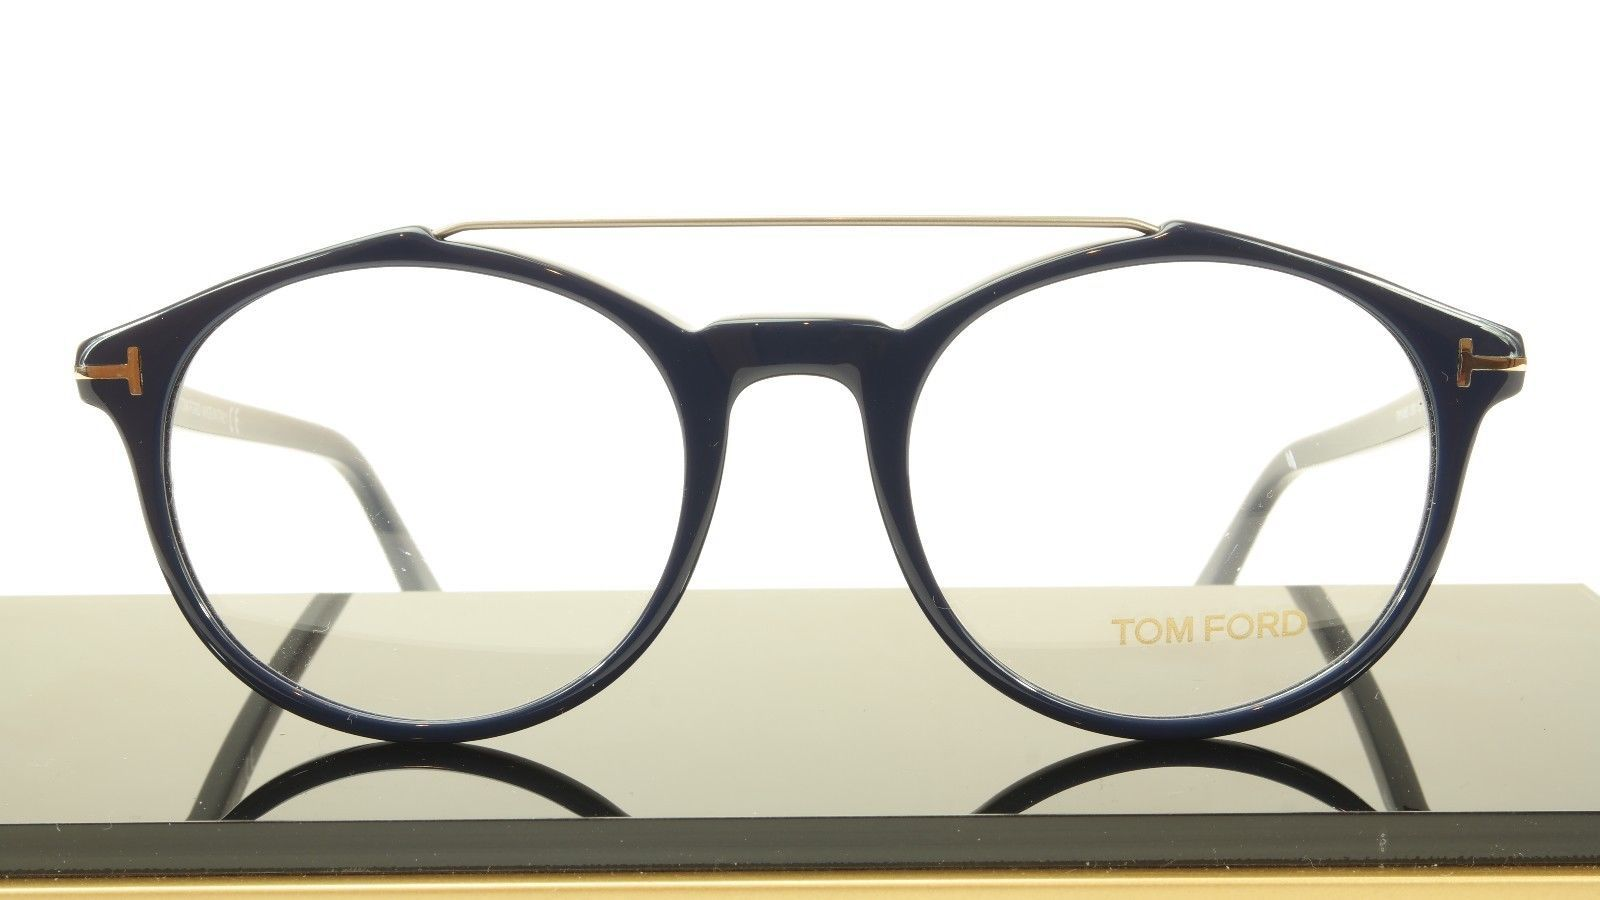 Tom Ford Authentic Eyeglasses Frame TF5455 090 Dark Navy Blue Italy 52-20-145 image 4